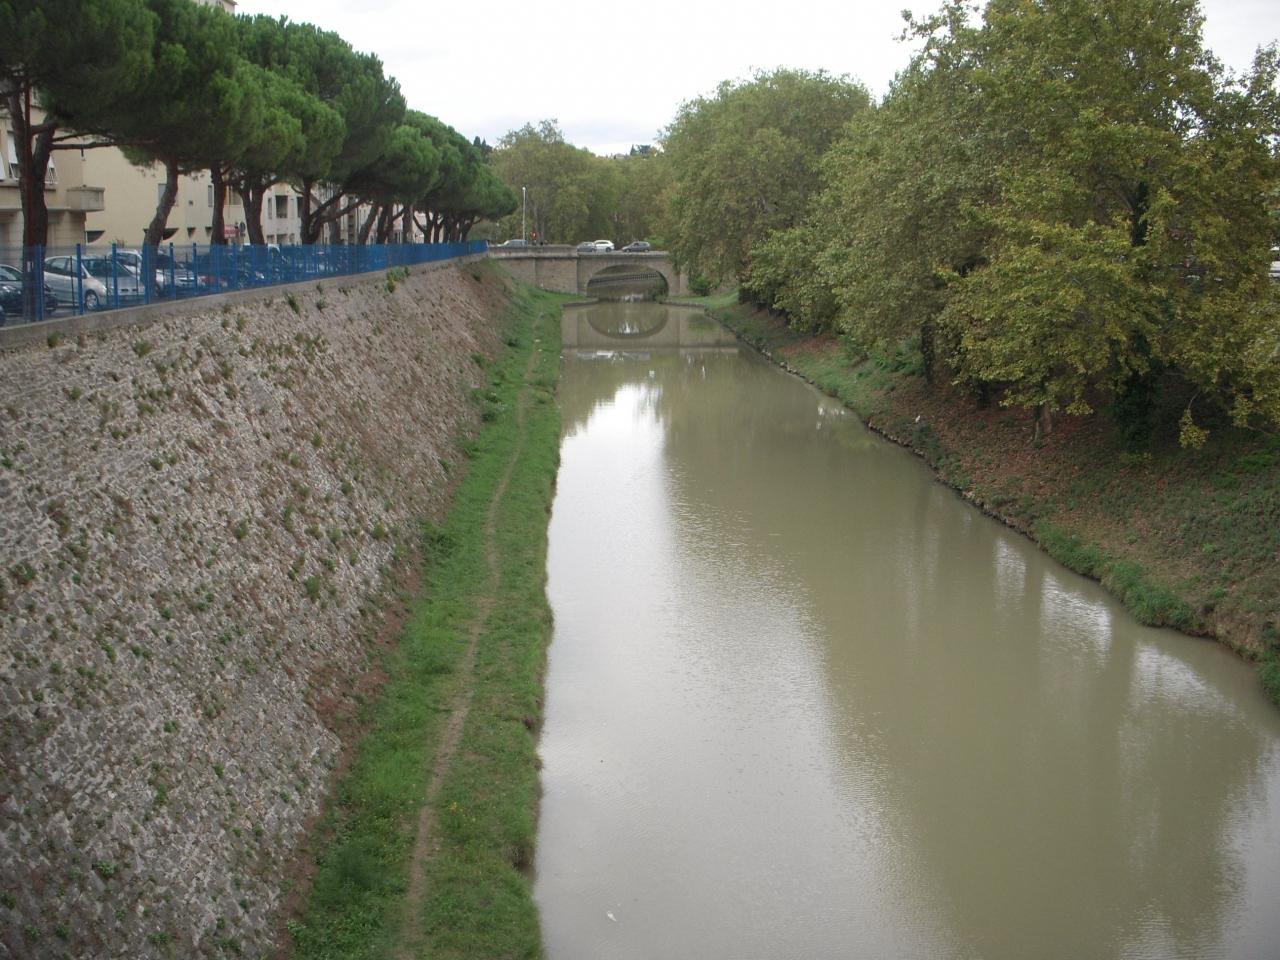 ミディ運河の画像 p1_32